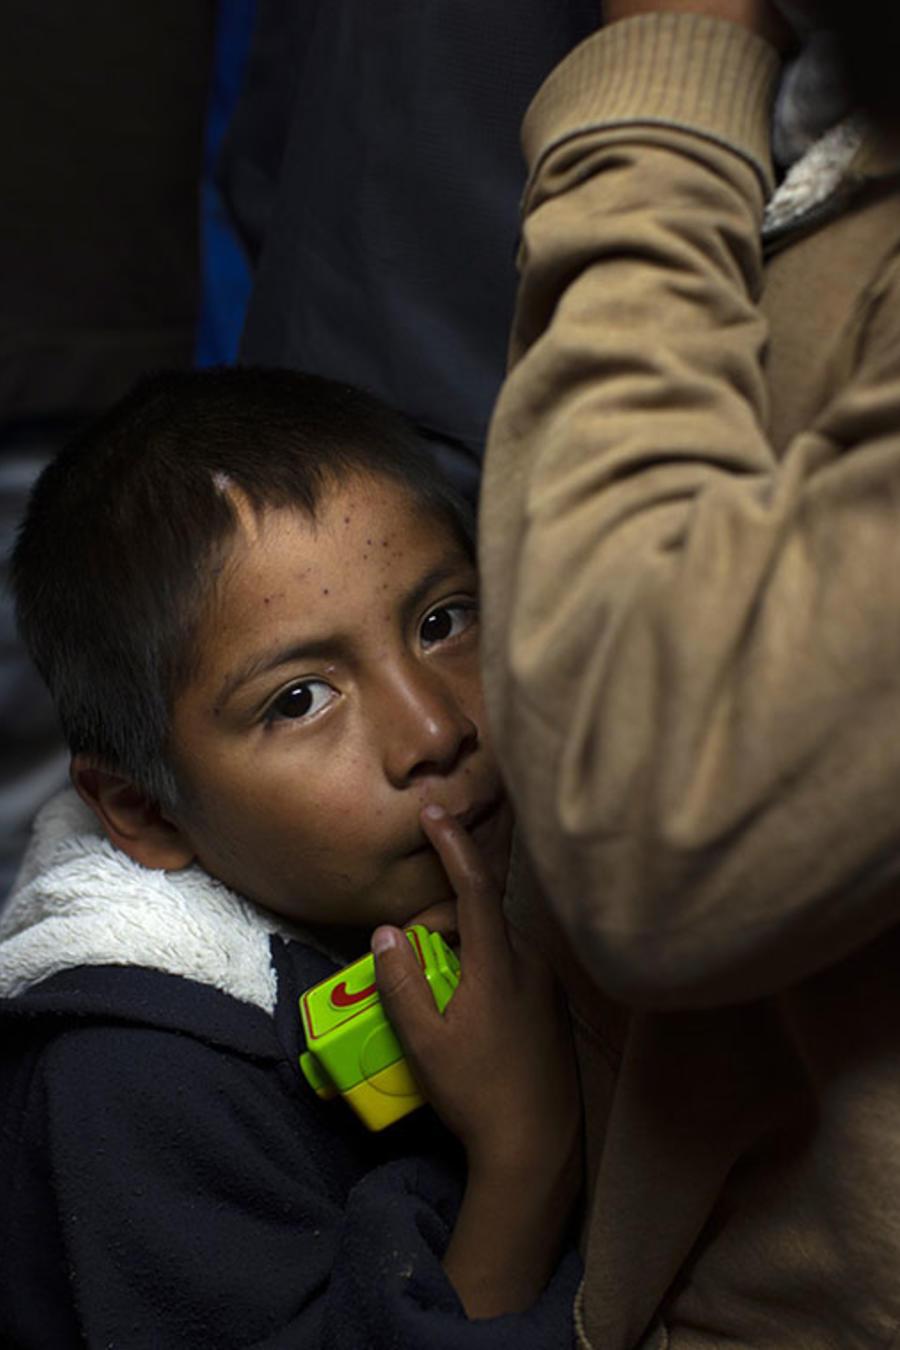 Un niño migrante espera en un albergue en Nogales, México, para iniciar los trámites de petición de asilo en Estados Unidos.